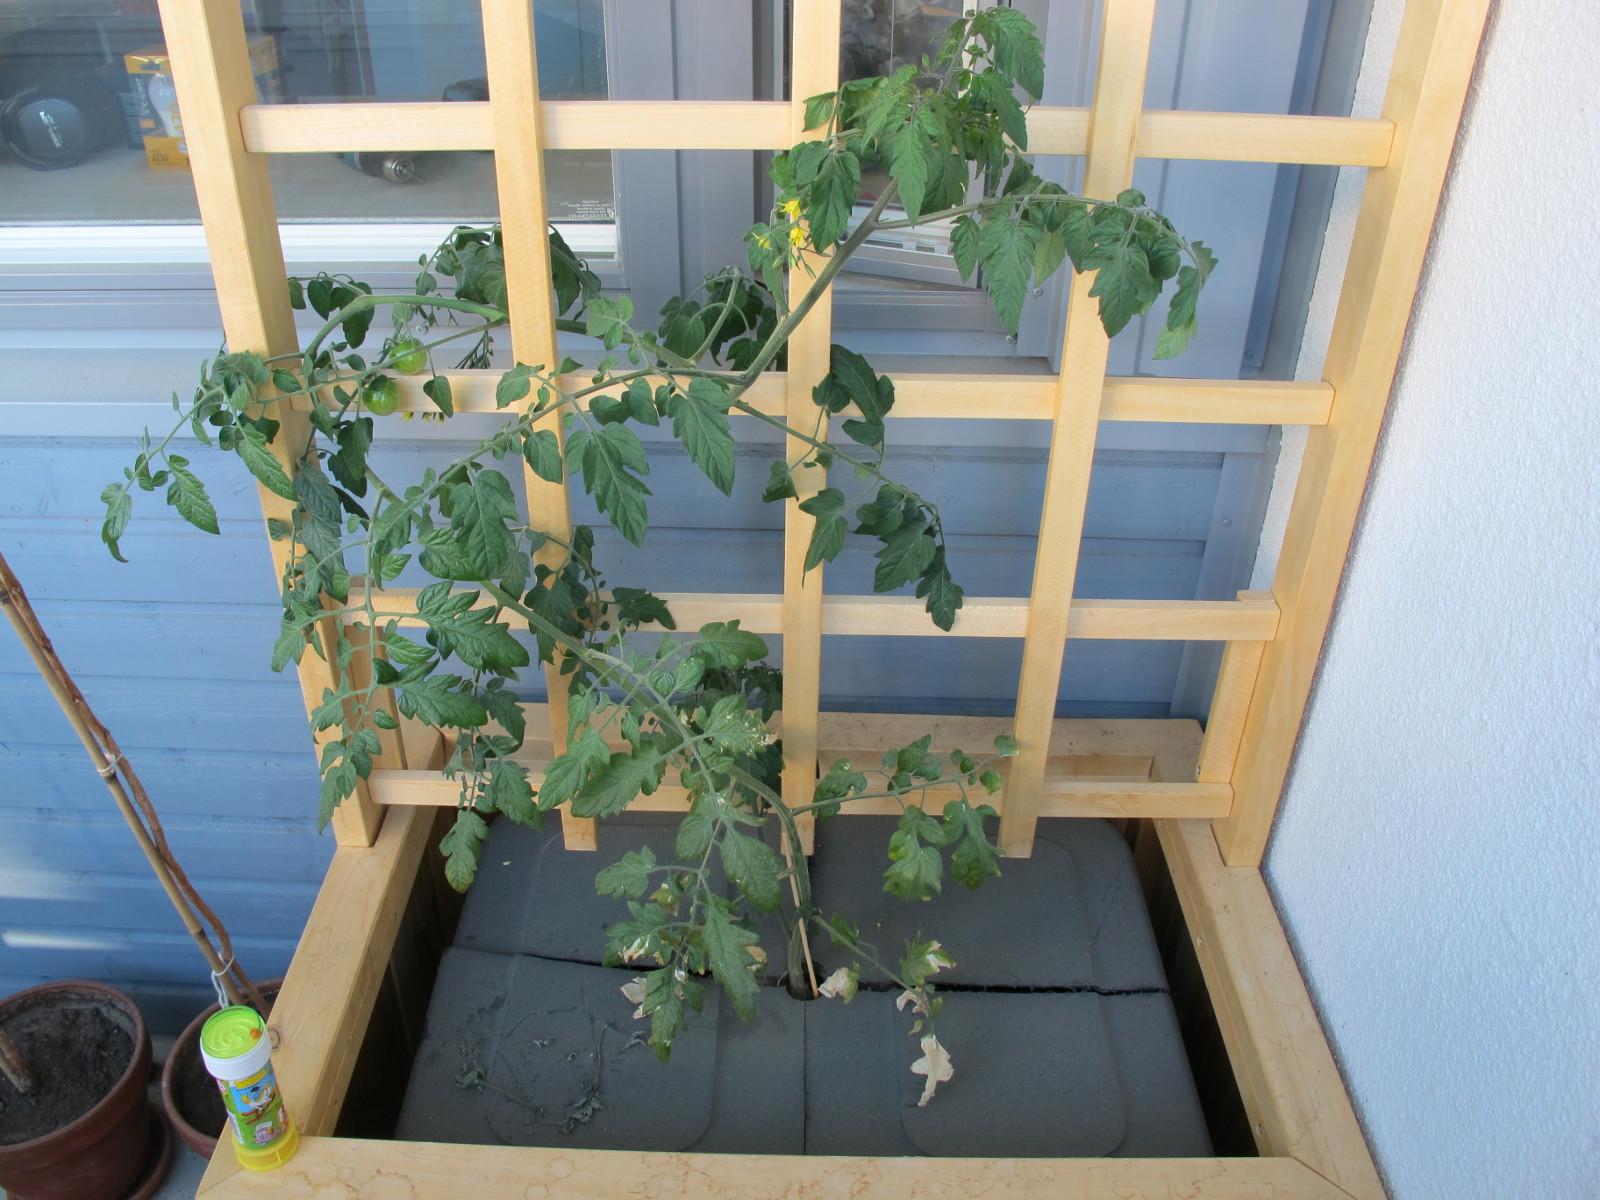 1kk ikäinen vesiviljelty tomaatti